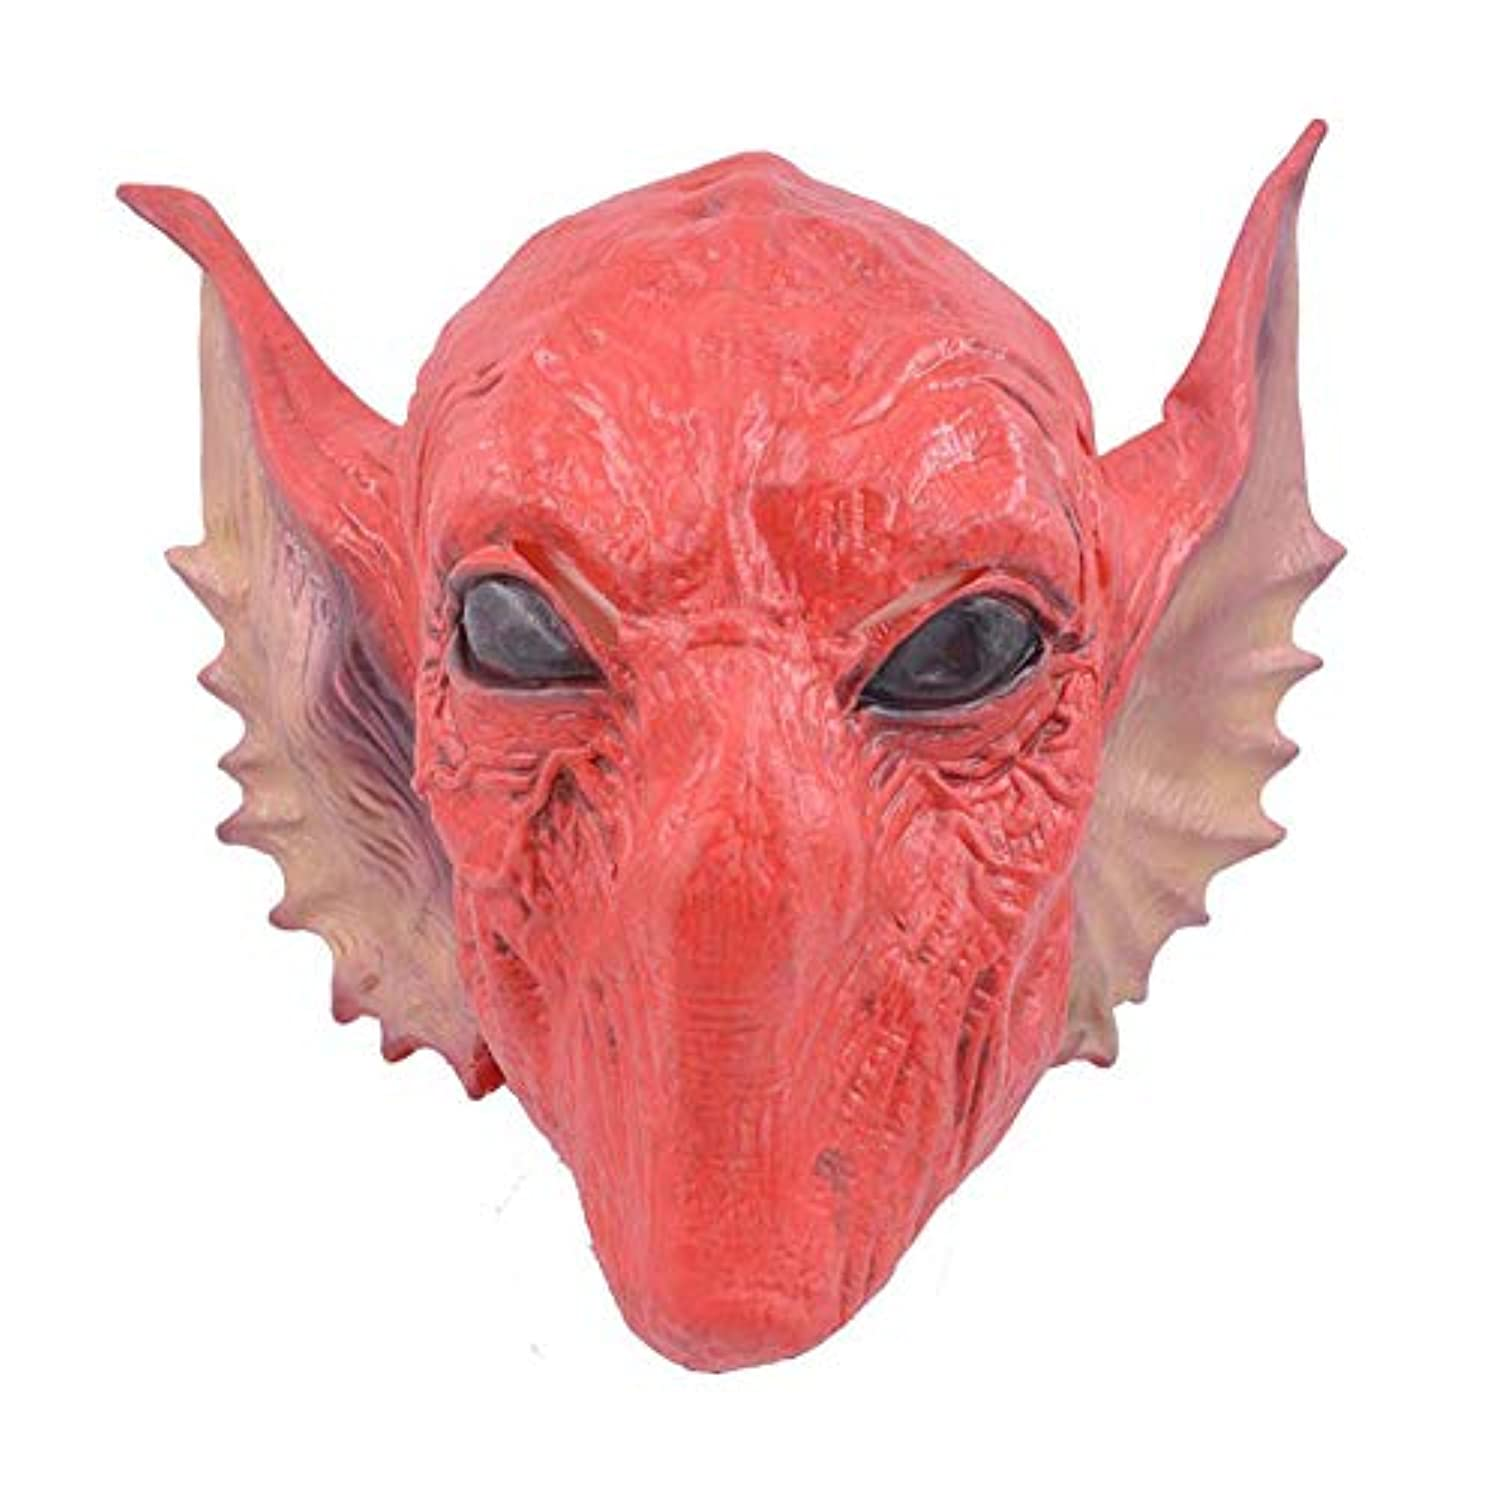 余計な刑務所生きているハロウィーンマスク新しい赤いエイリアンセットSF映画テーママスクcosホラーマスク